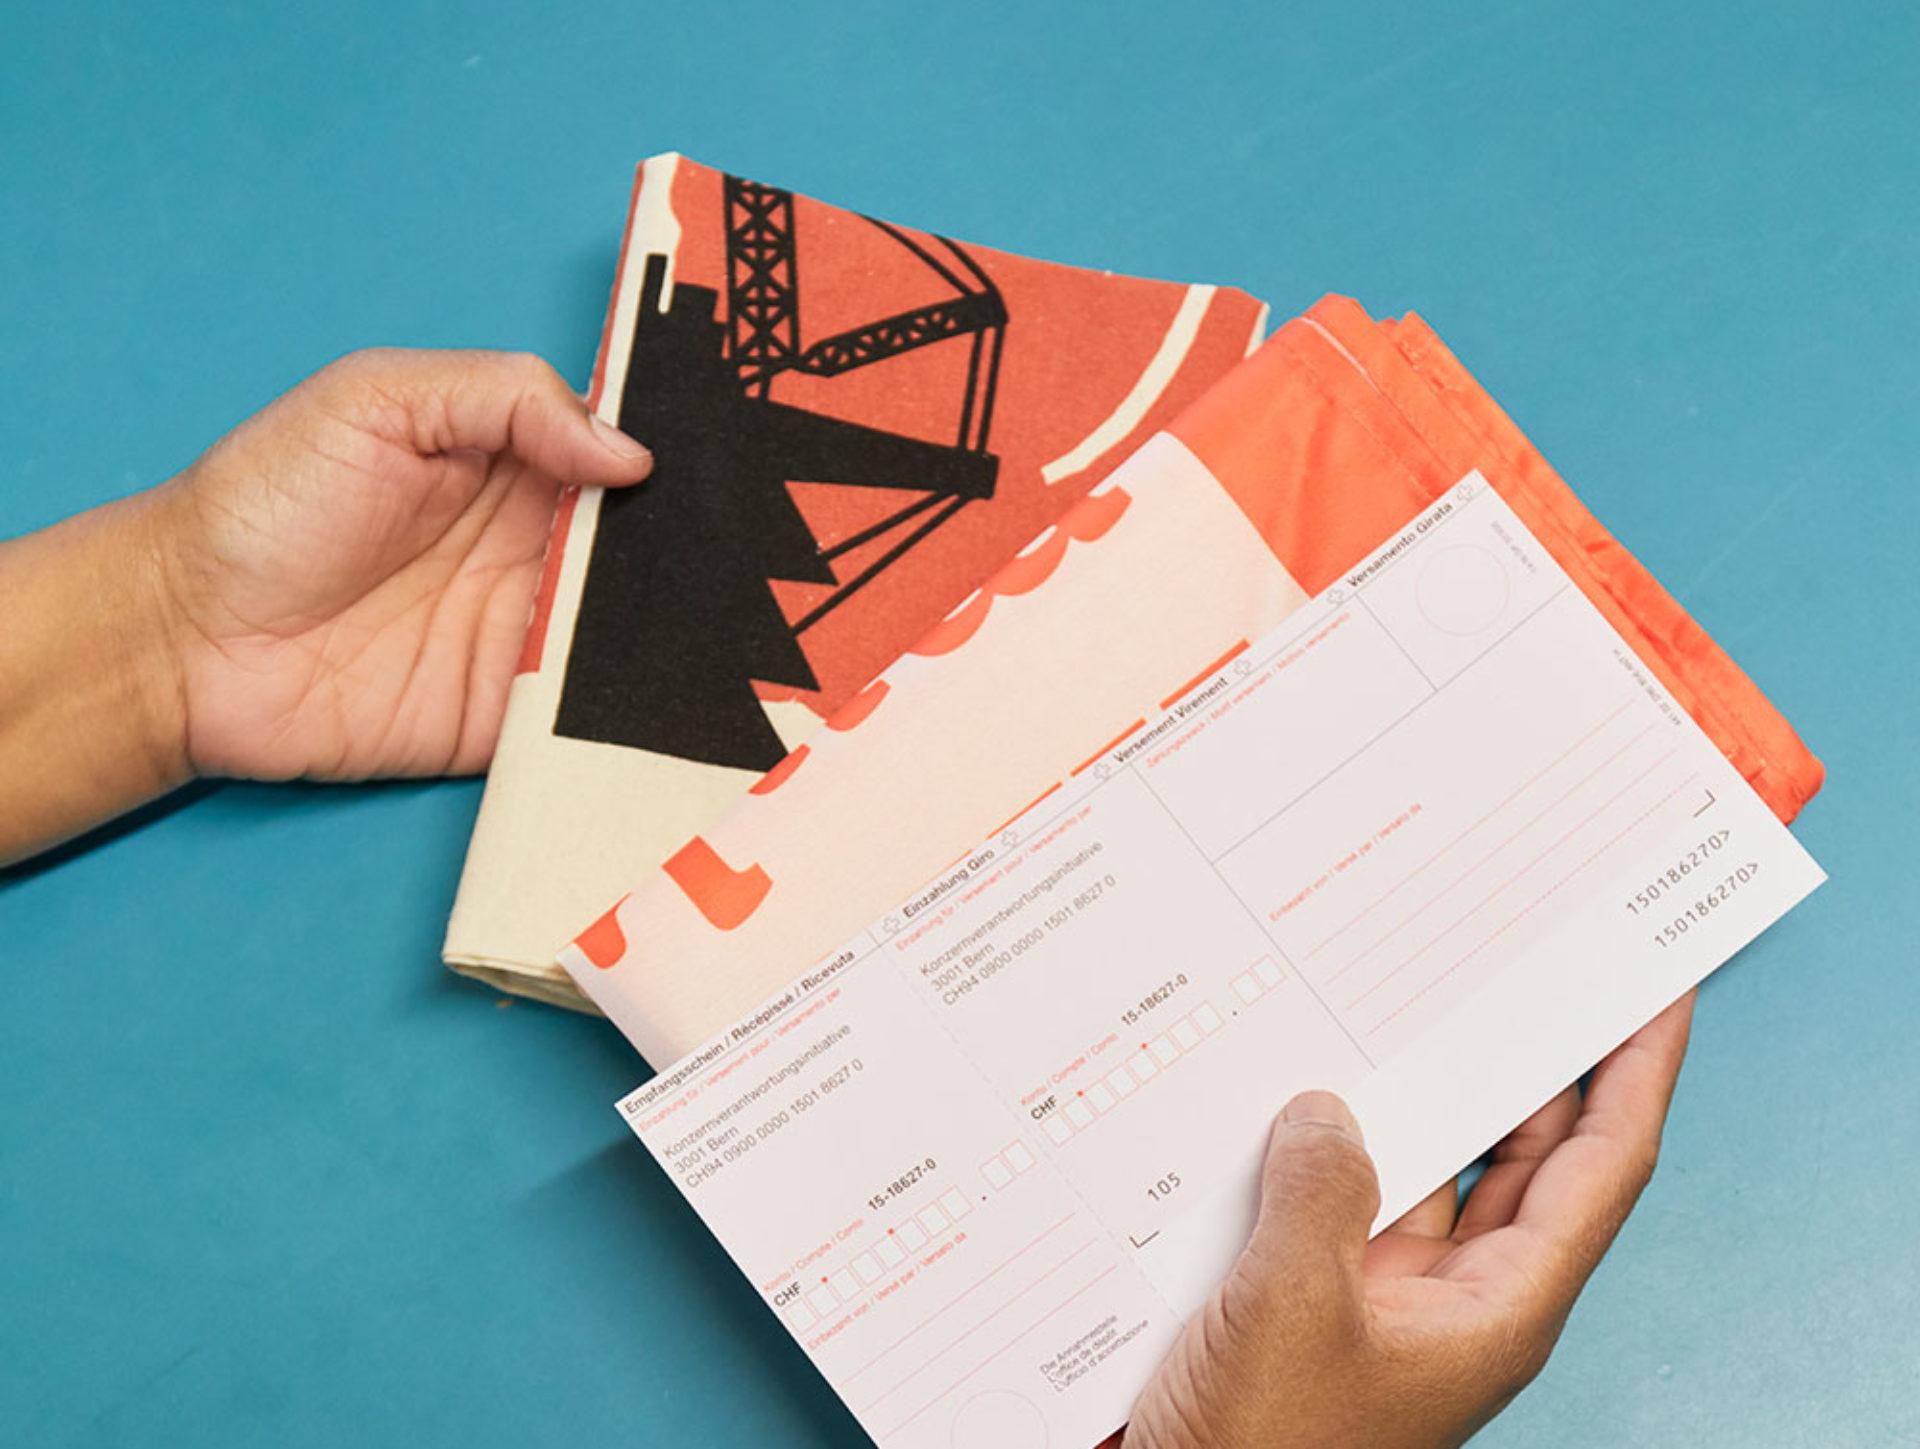 Wenn grosse Kampagnen angesagt sind, kommt oft die Wärchbrogg zum Zug. Die Teams verpacken Infomaterial und senden es an die richtigen Adressen, zum Beispiel für die Konzernverantwortungsinitiative.